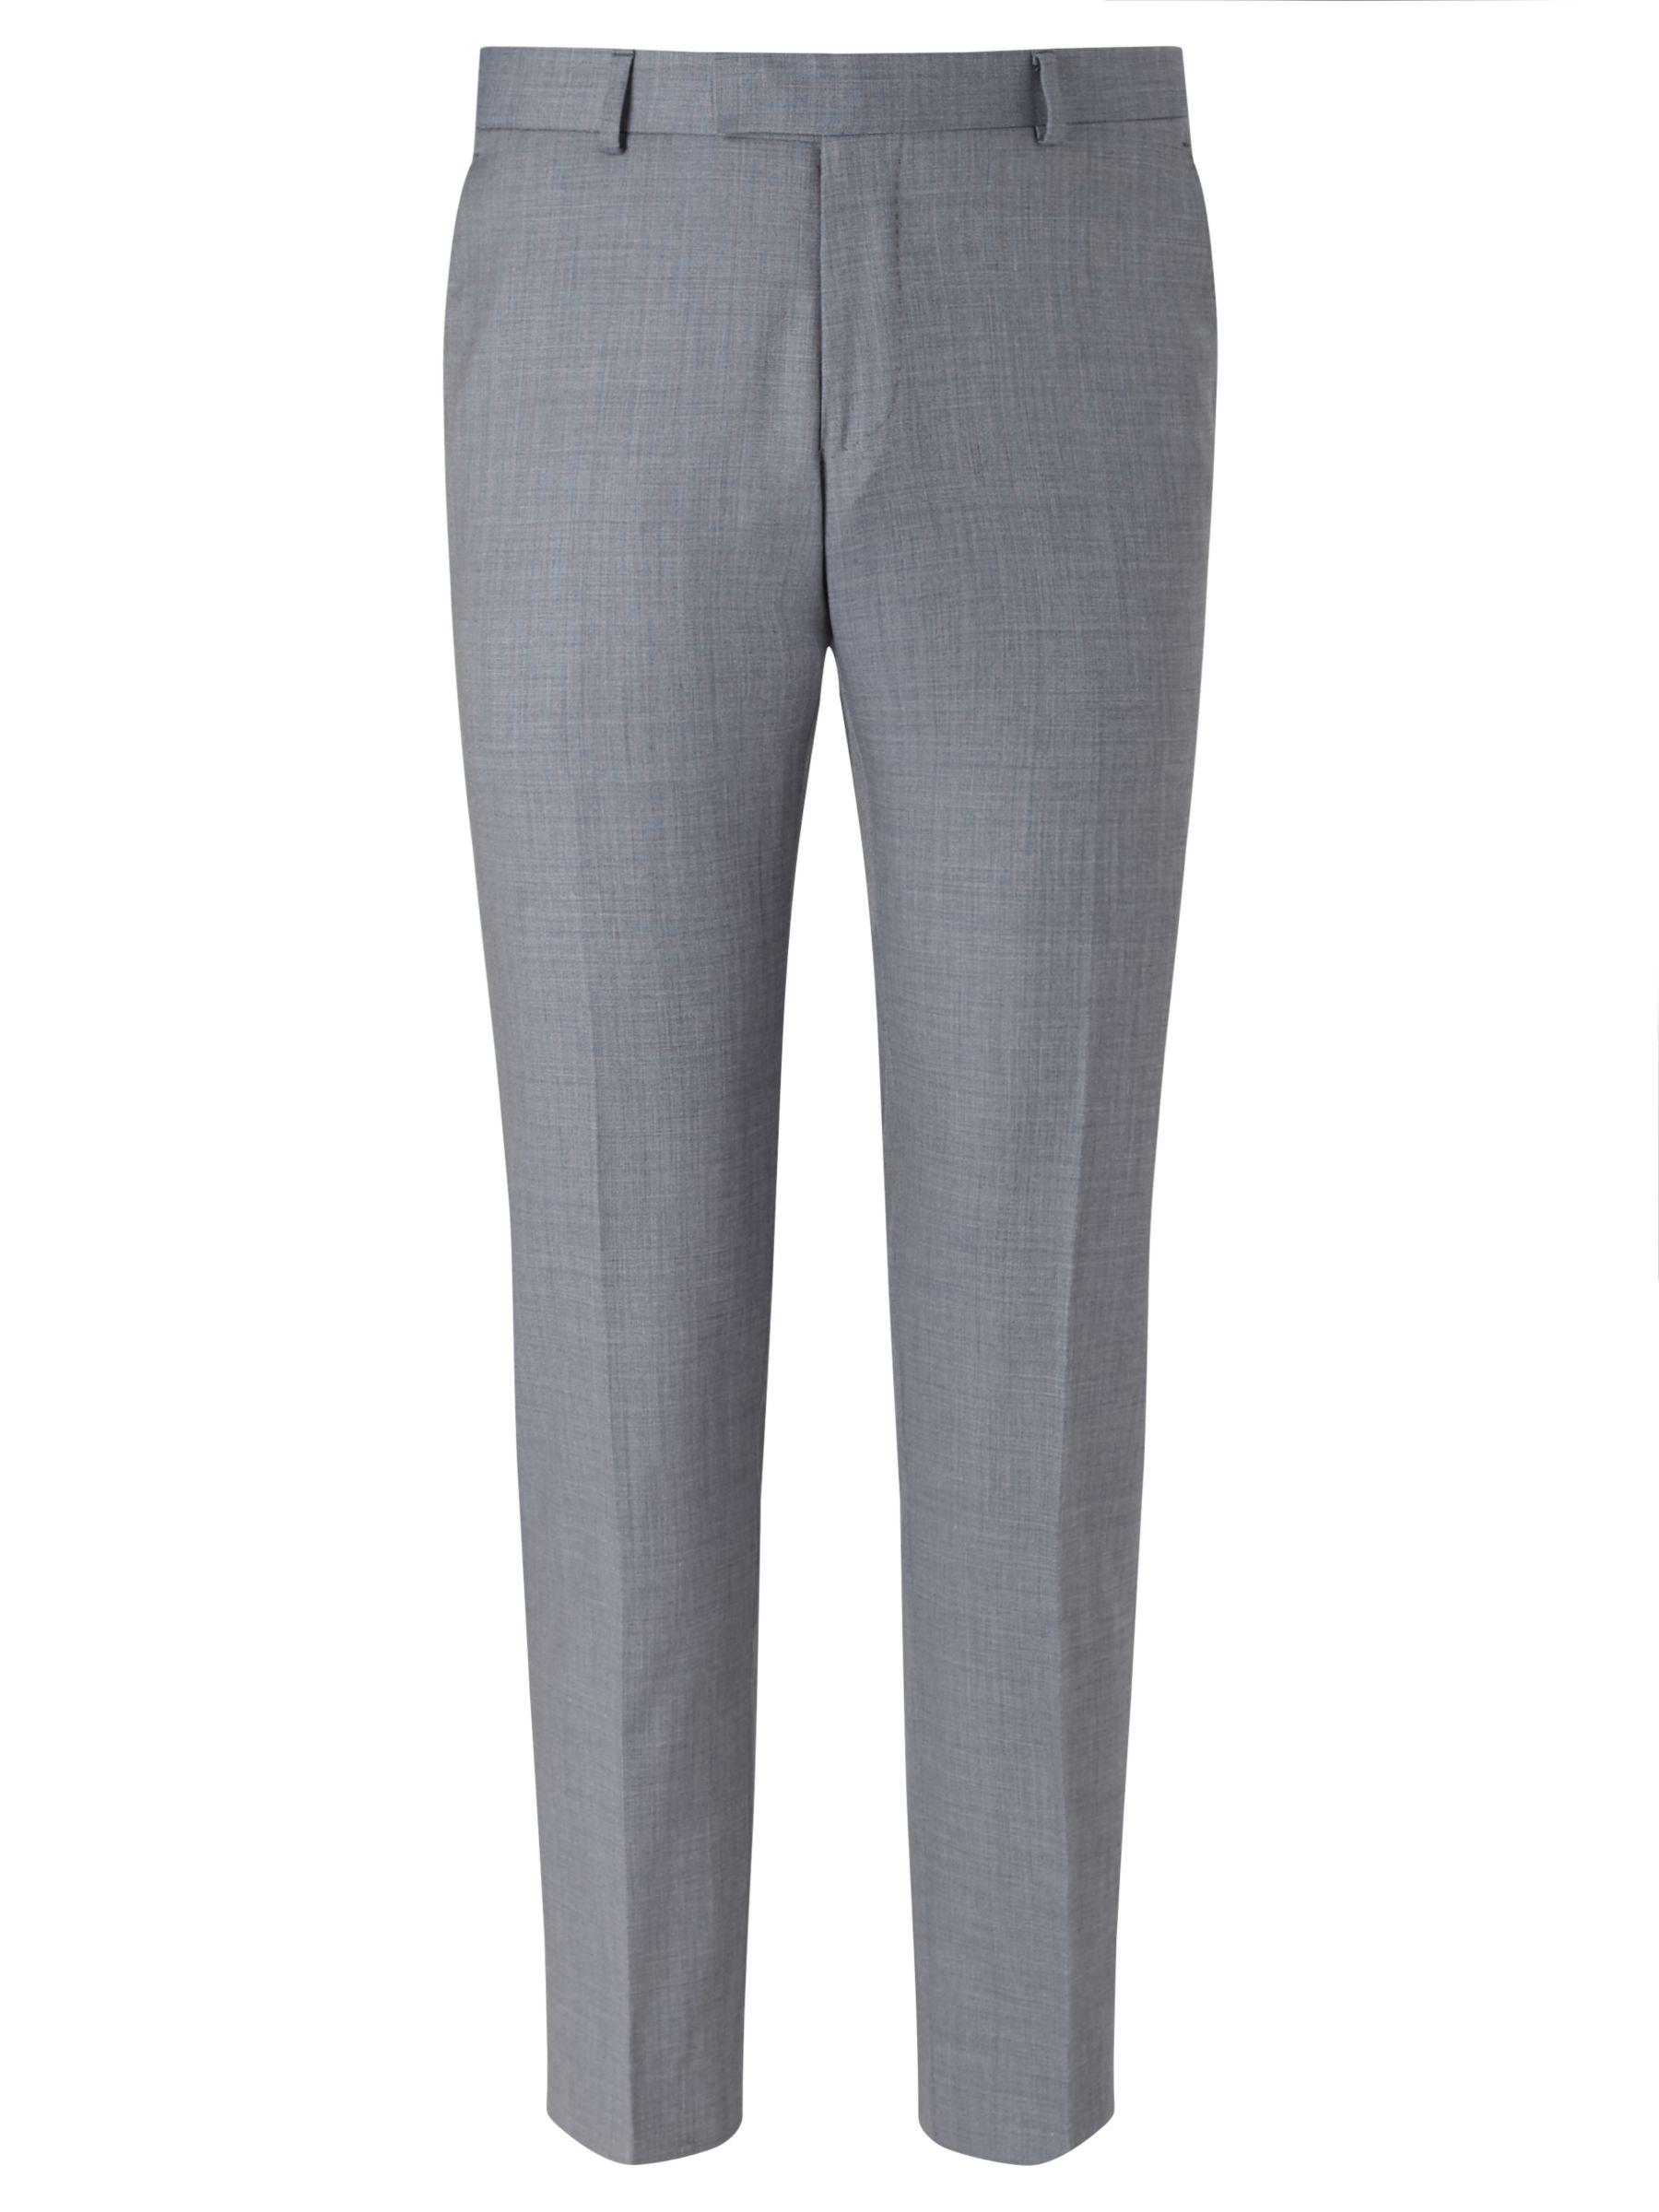 Richard James Mayfair Richard James Mayfair Wool Sharkskin Slim Fit Suit Trousers, Slate